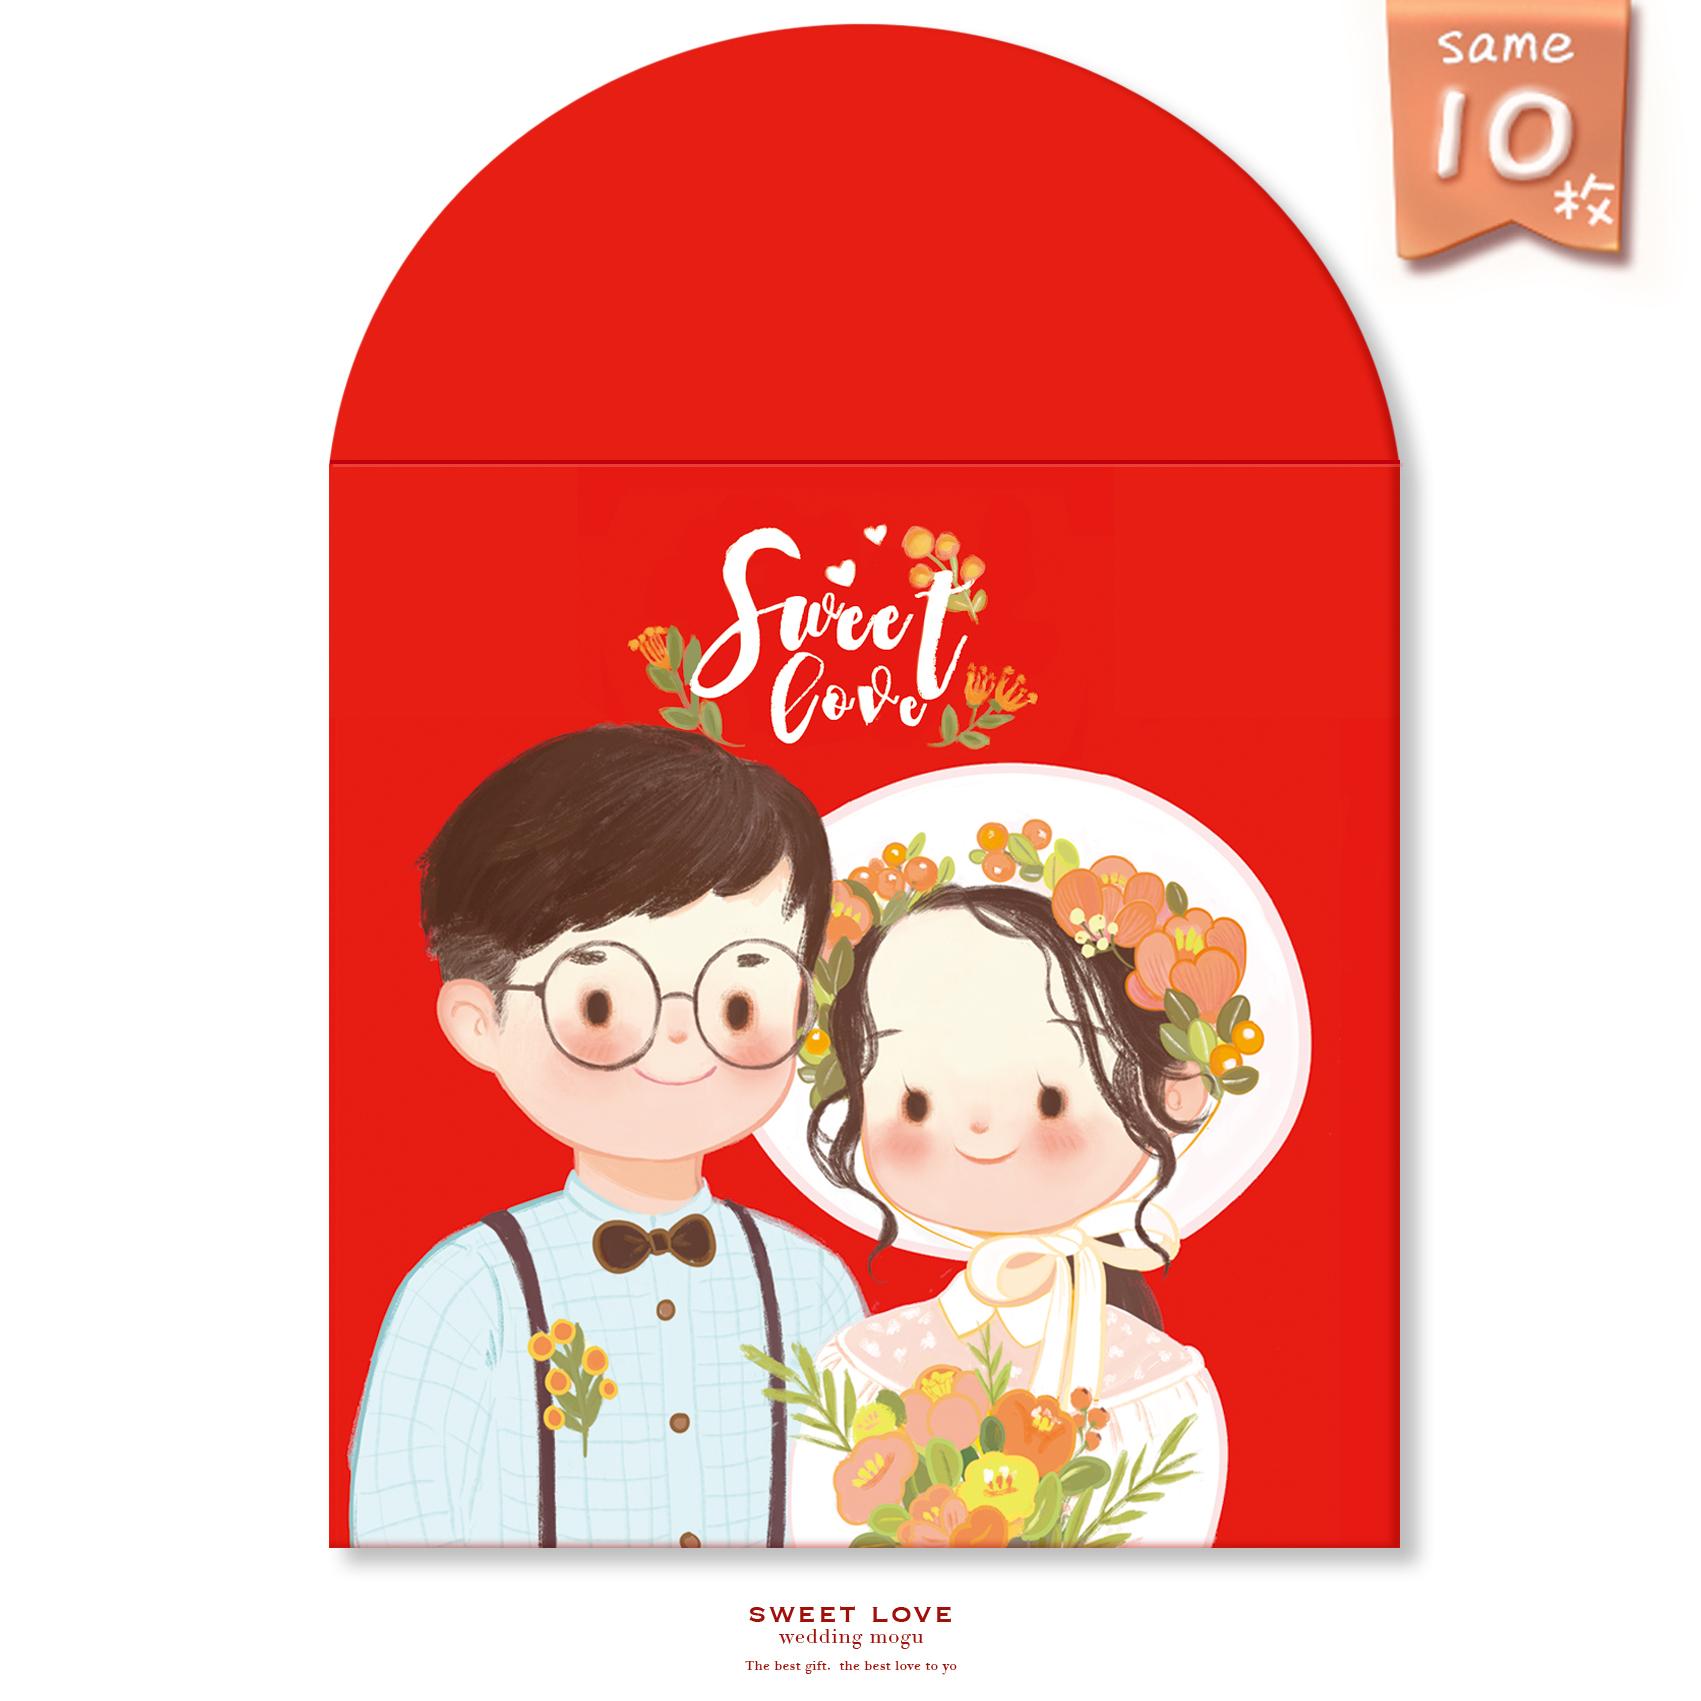 原创卡通 手绘人物形象 小清新可爱小红包 萌系红色结婚庆利是